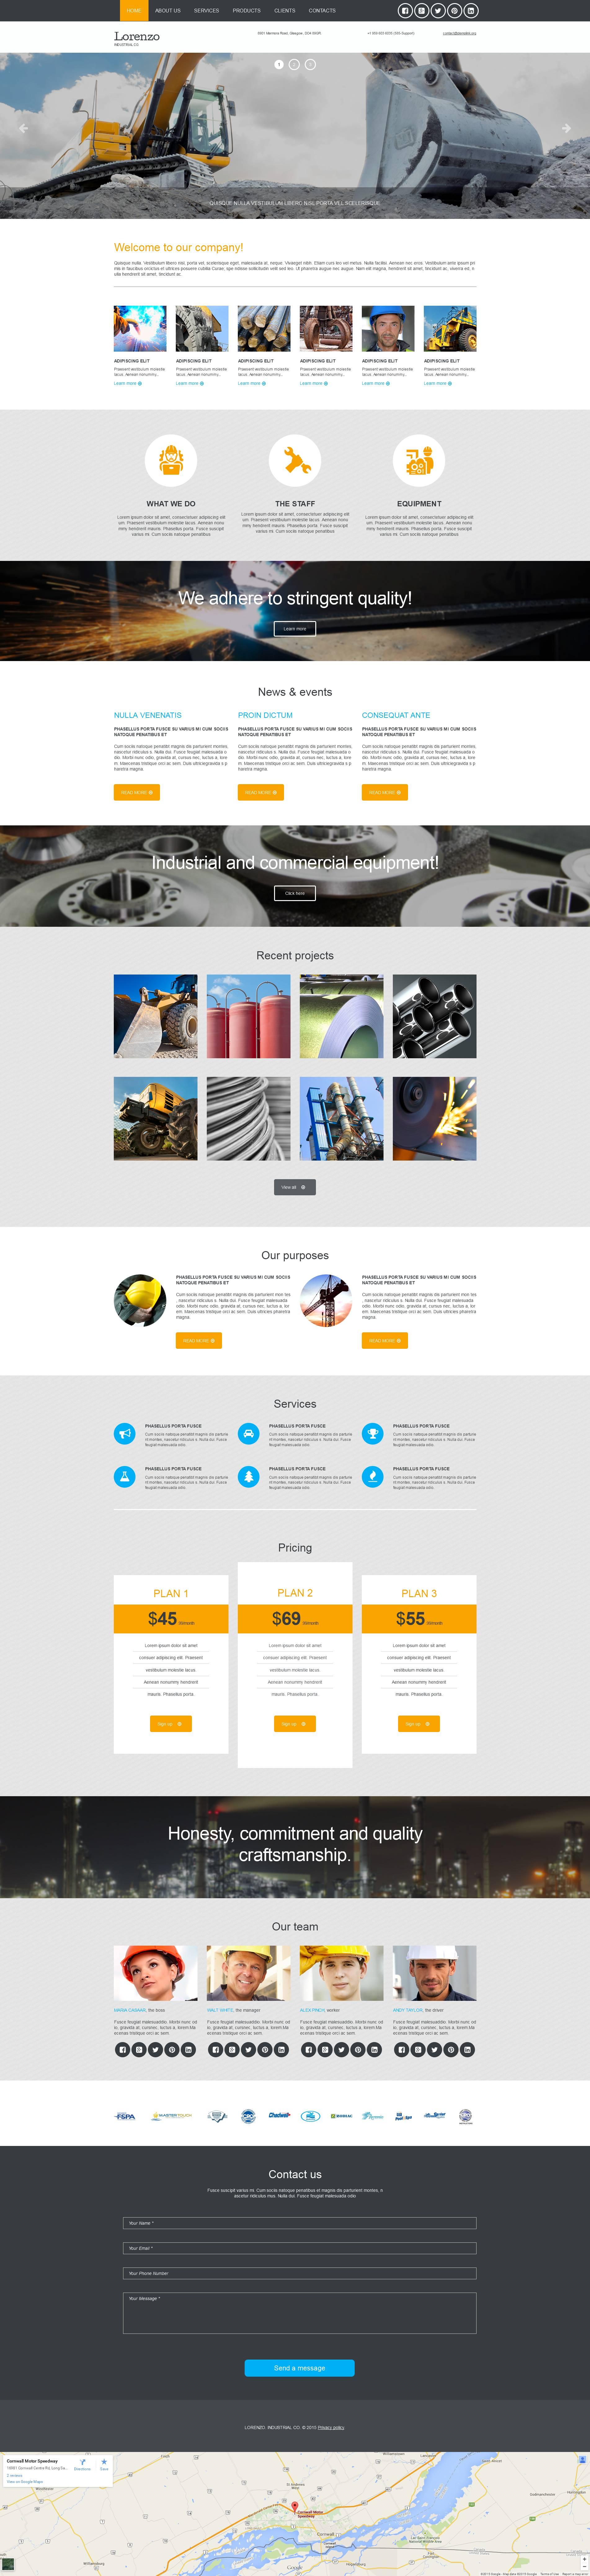 Templates Moto CMS 3 Flexível para Sites de Industrial №53238